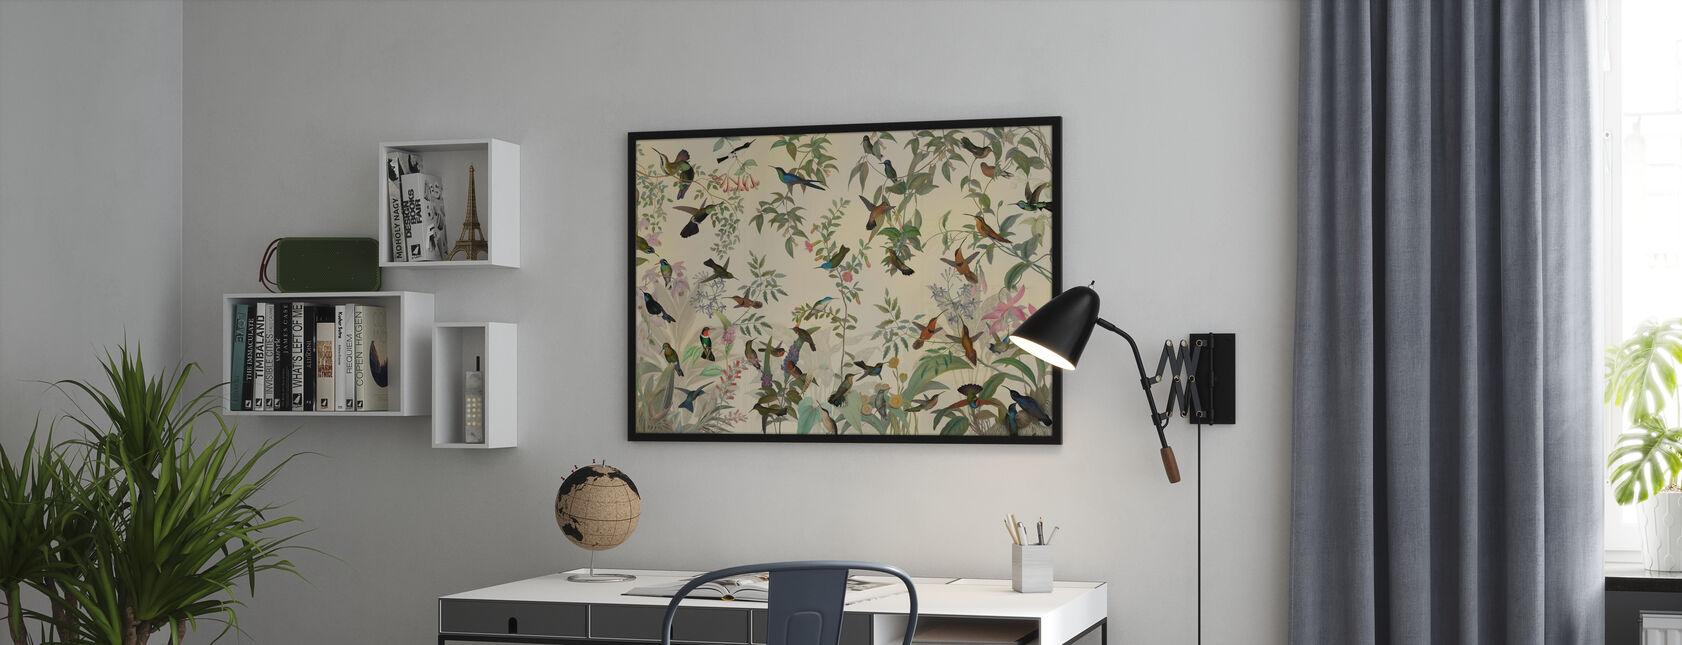 Fuglesymfoni - Plakat - Kontor